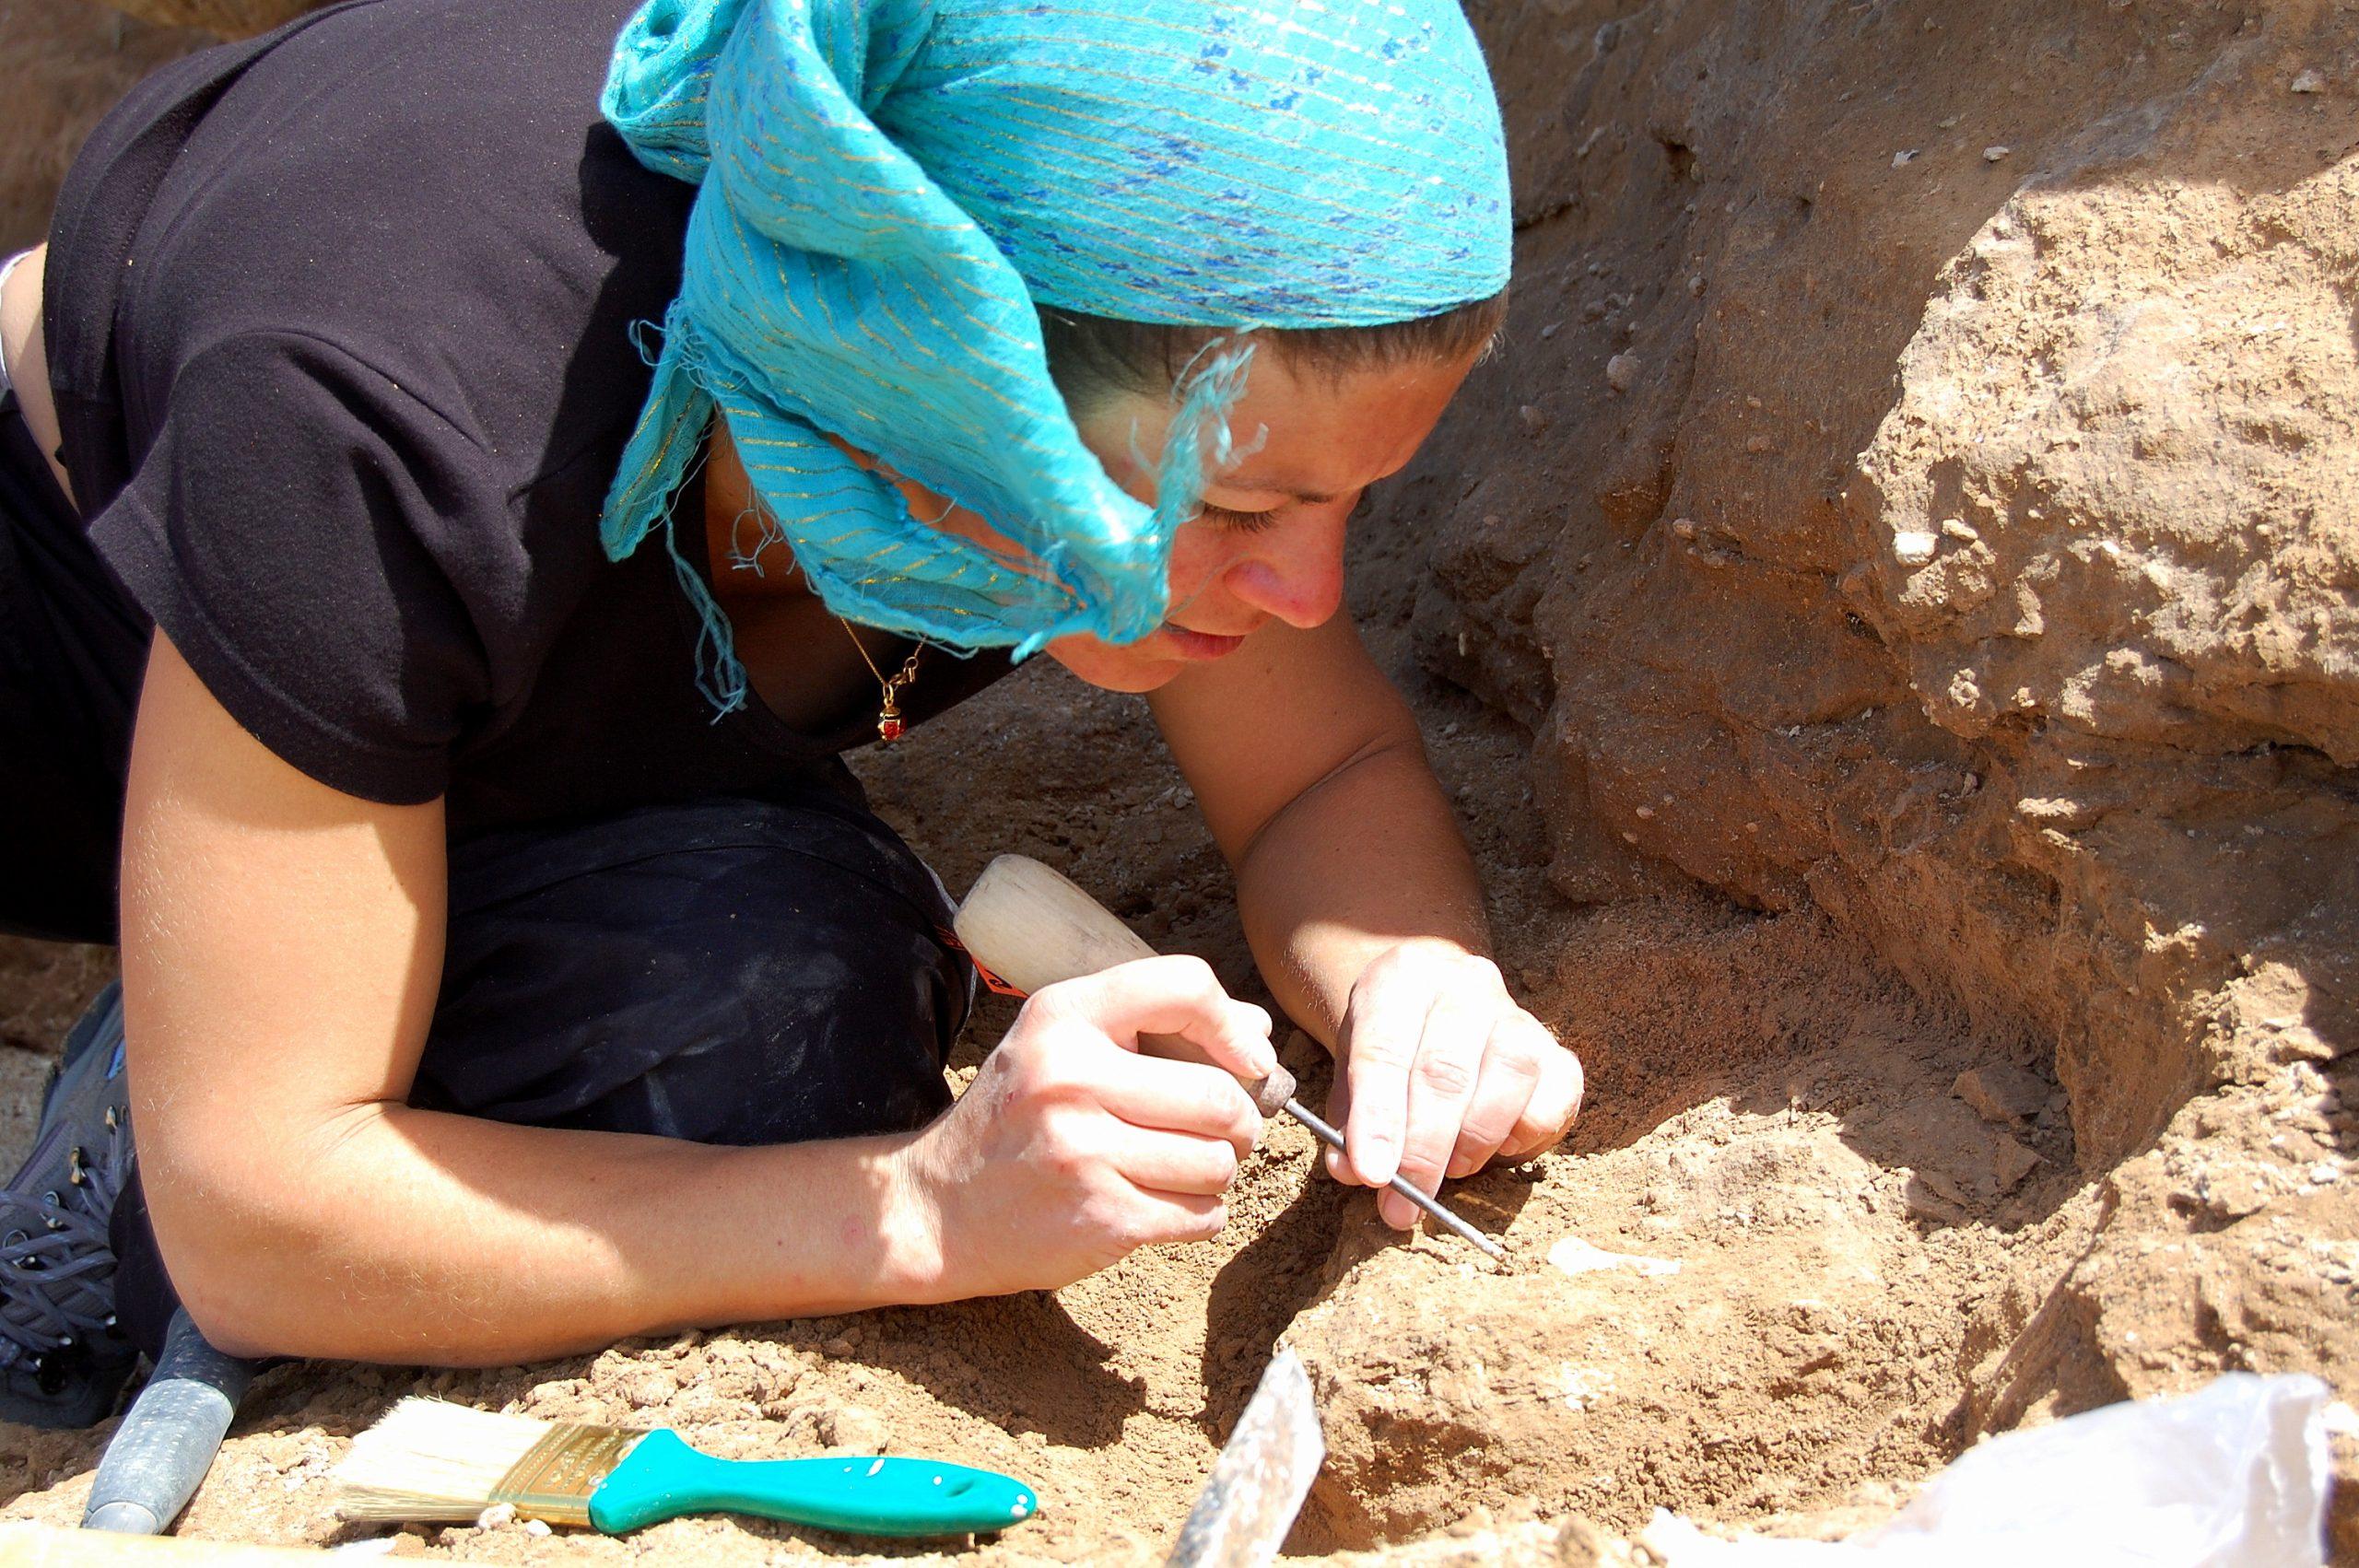 Hallaron una rata espinosa fósil de más de 400 mil años de antigüedad